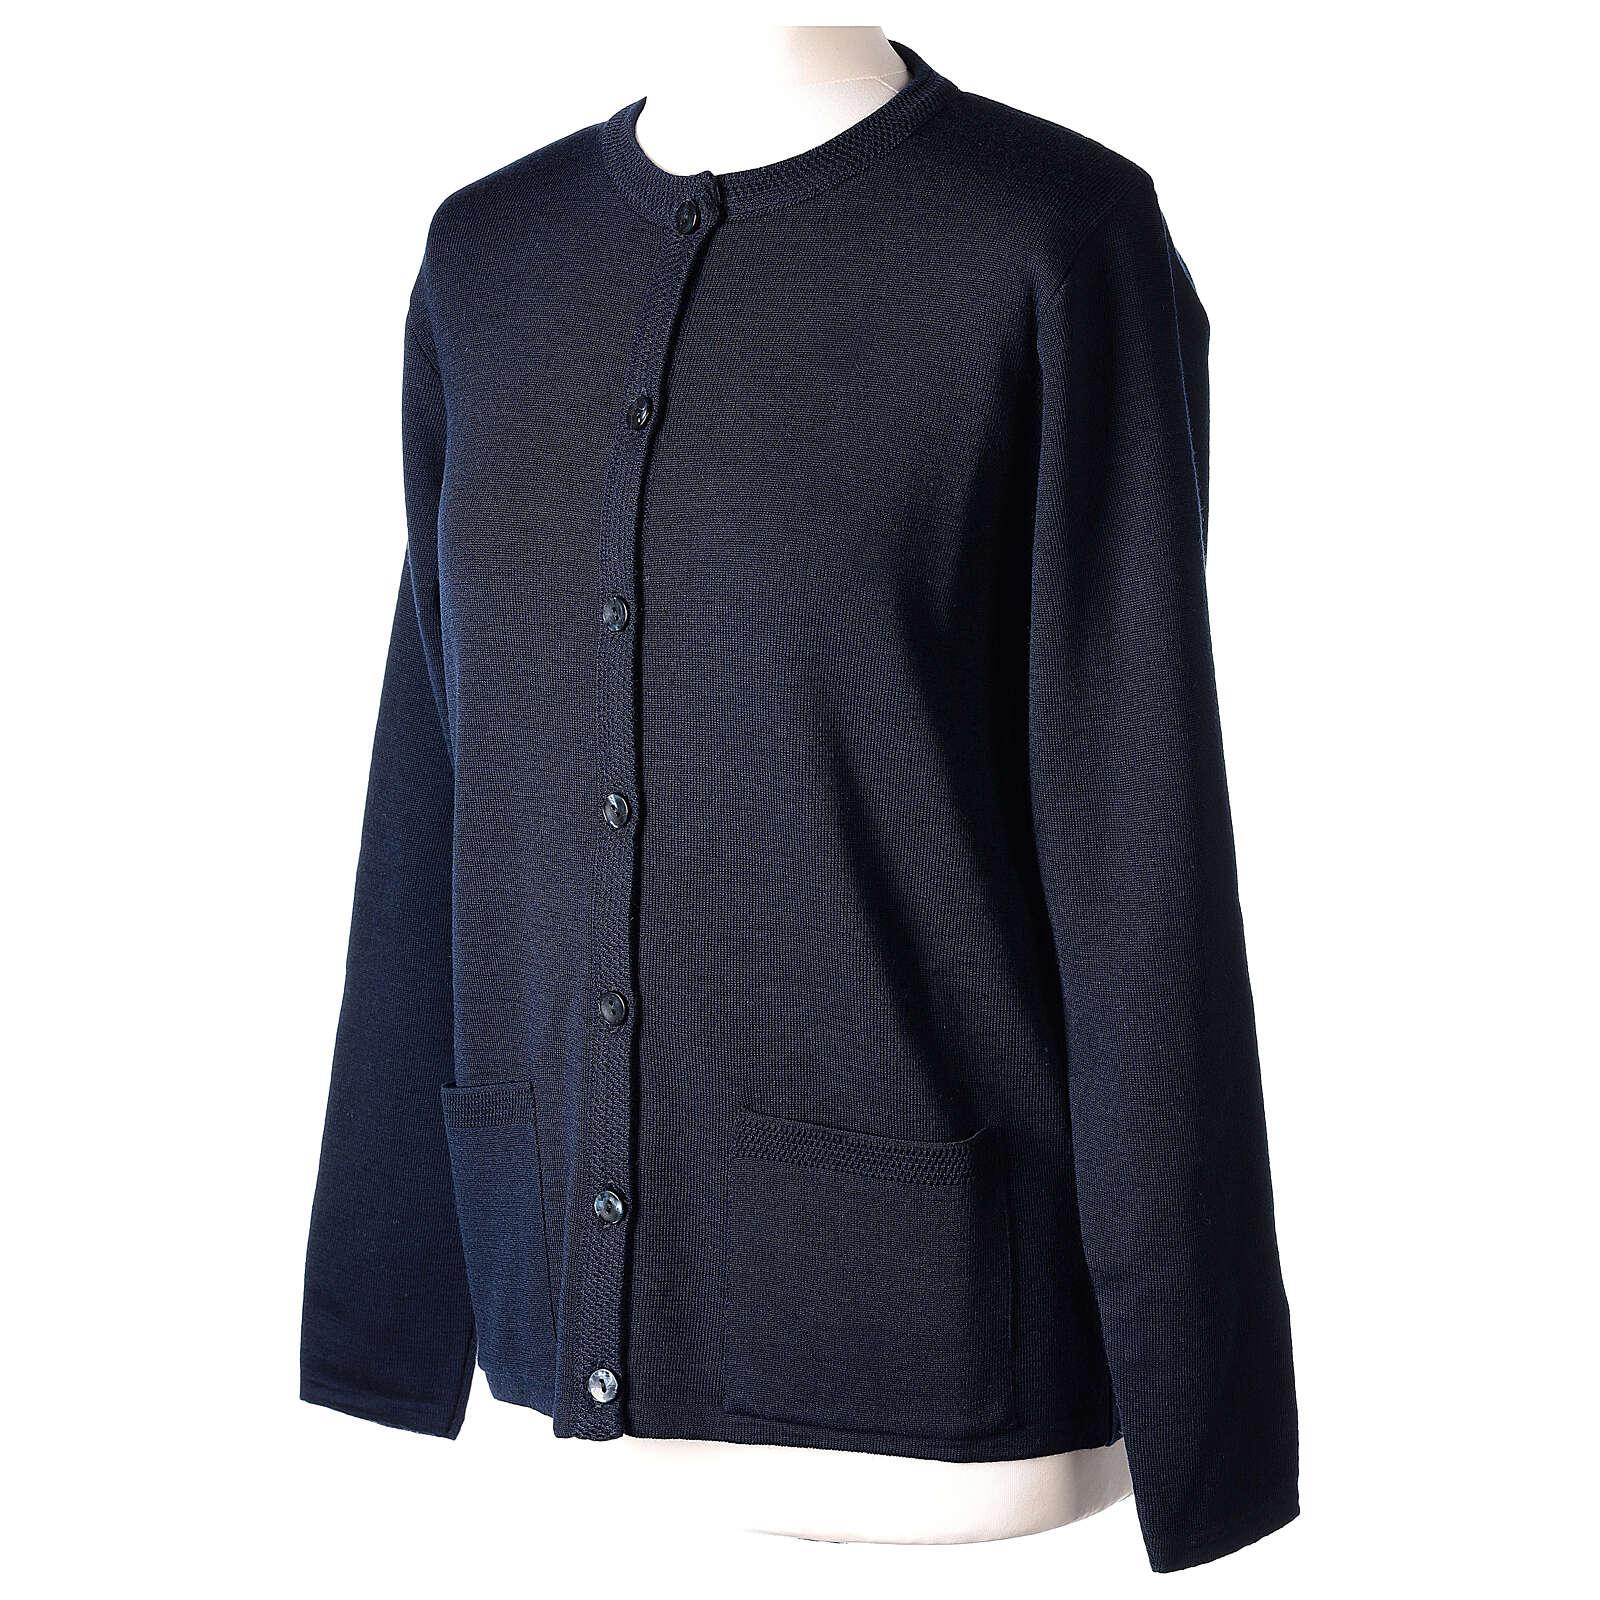 Cardigan bleu pour soeur col rond poches GRANDE TAILLE 50% acrylique 50% mérinos In Primis 4